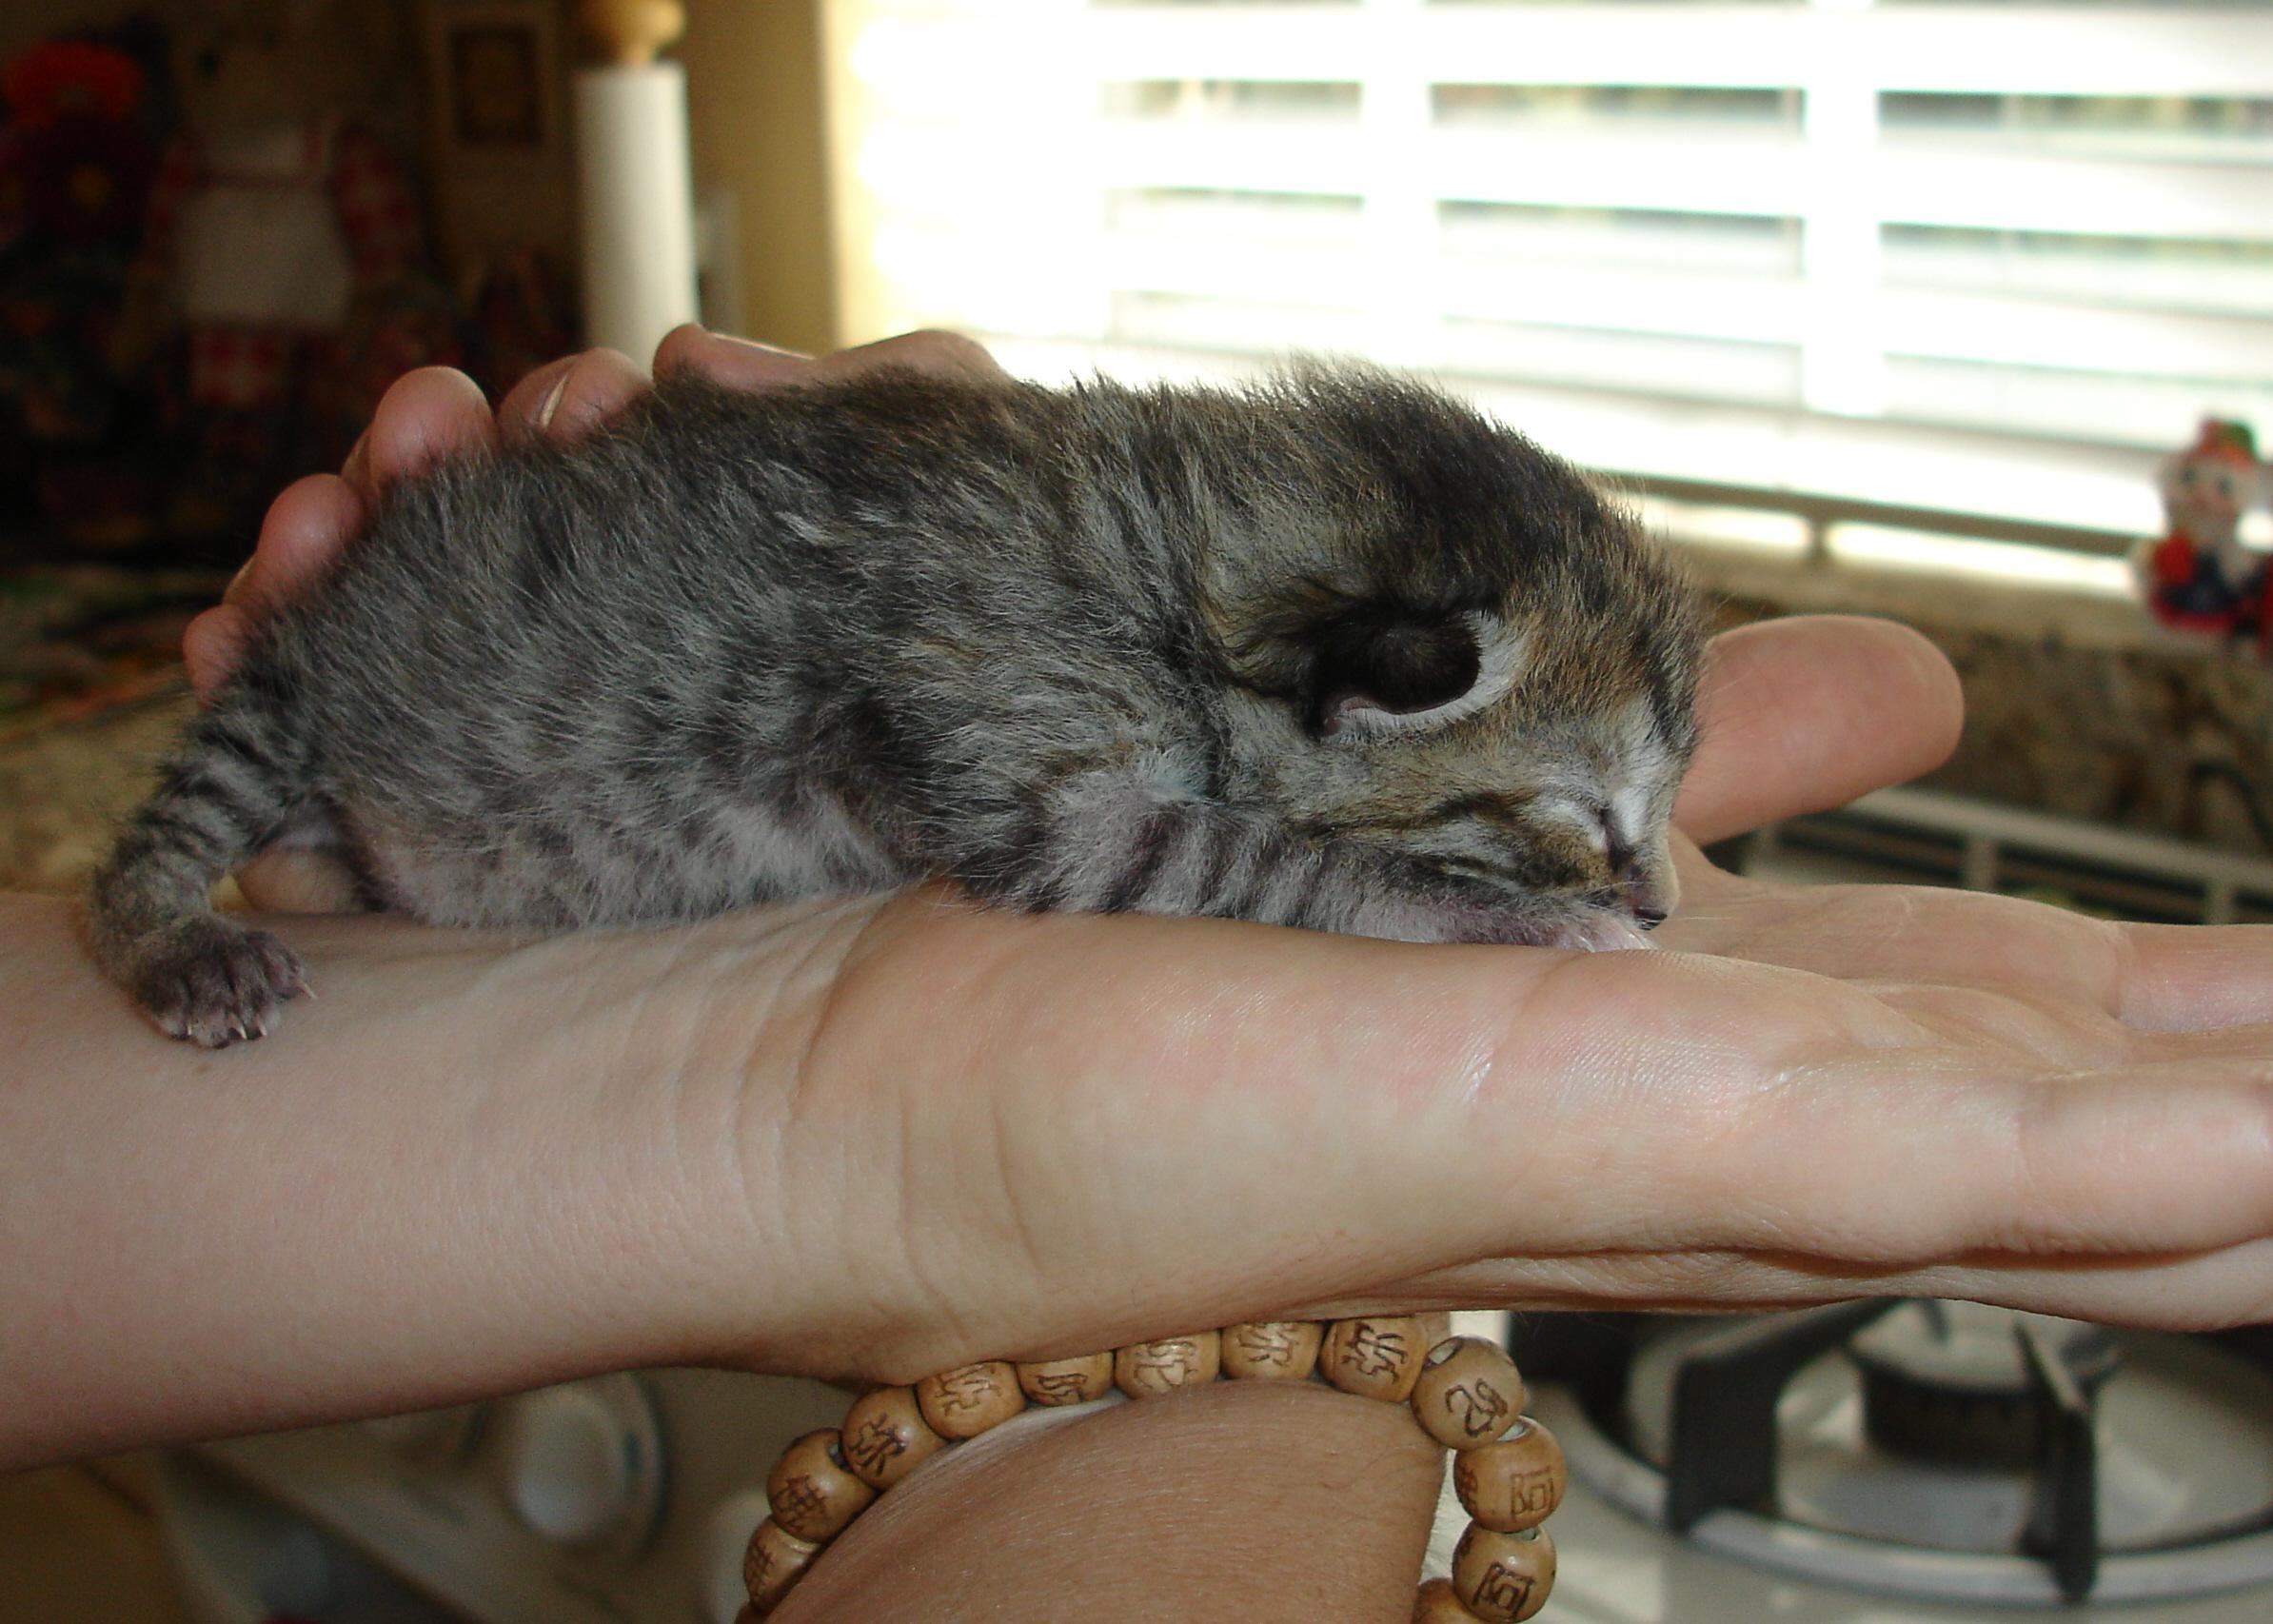 hanna in Katt's hand.jpg